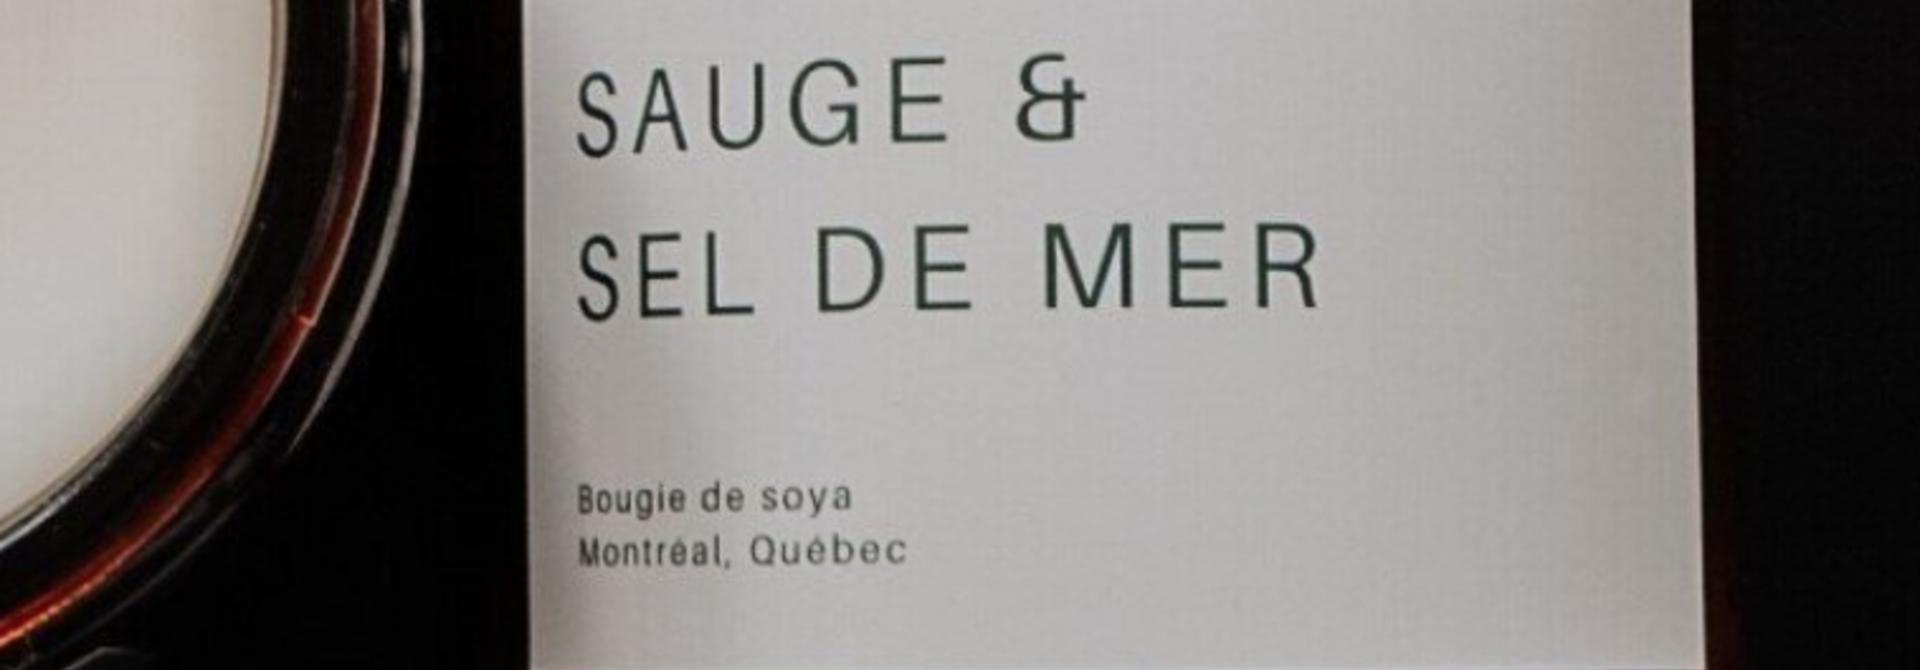 Sauge & Sel de mer - Bougie